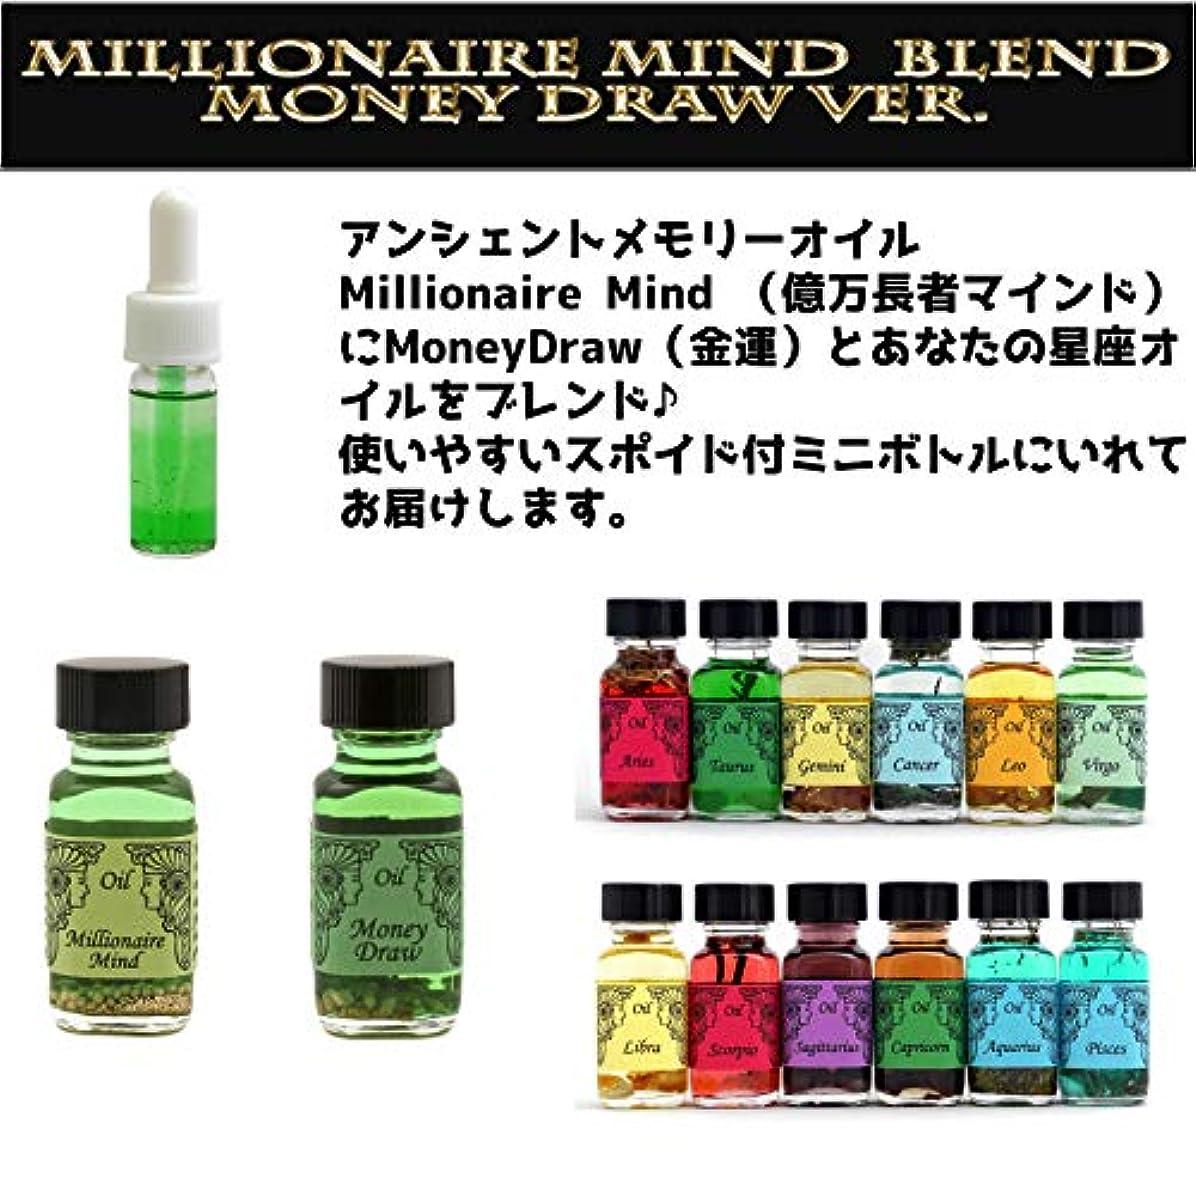 十代の若者たちおとこ奇跡アンシェントメモリーオイル Millionaire Mind 億万長者マインド ブレンド(Money Drawマネードロー(金運)&しし座